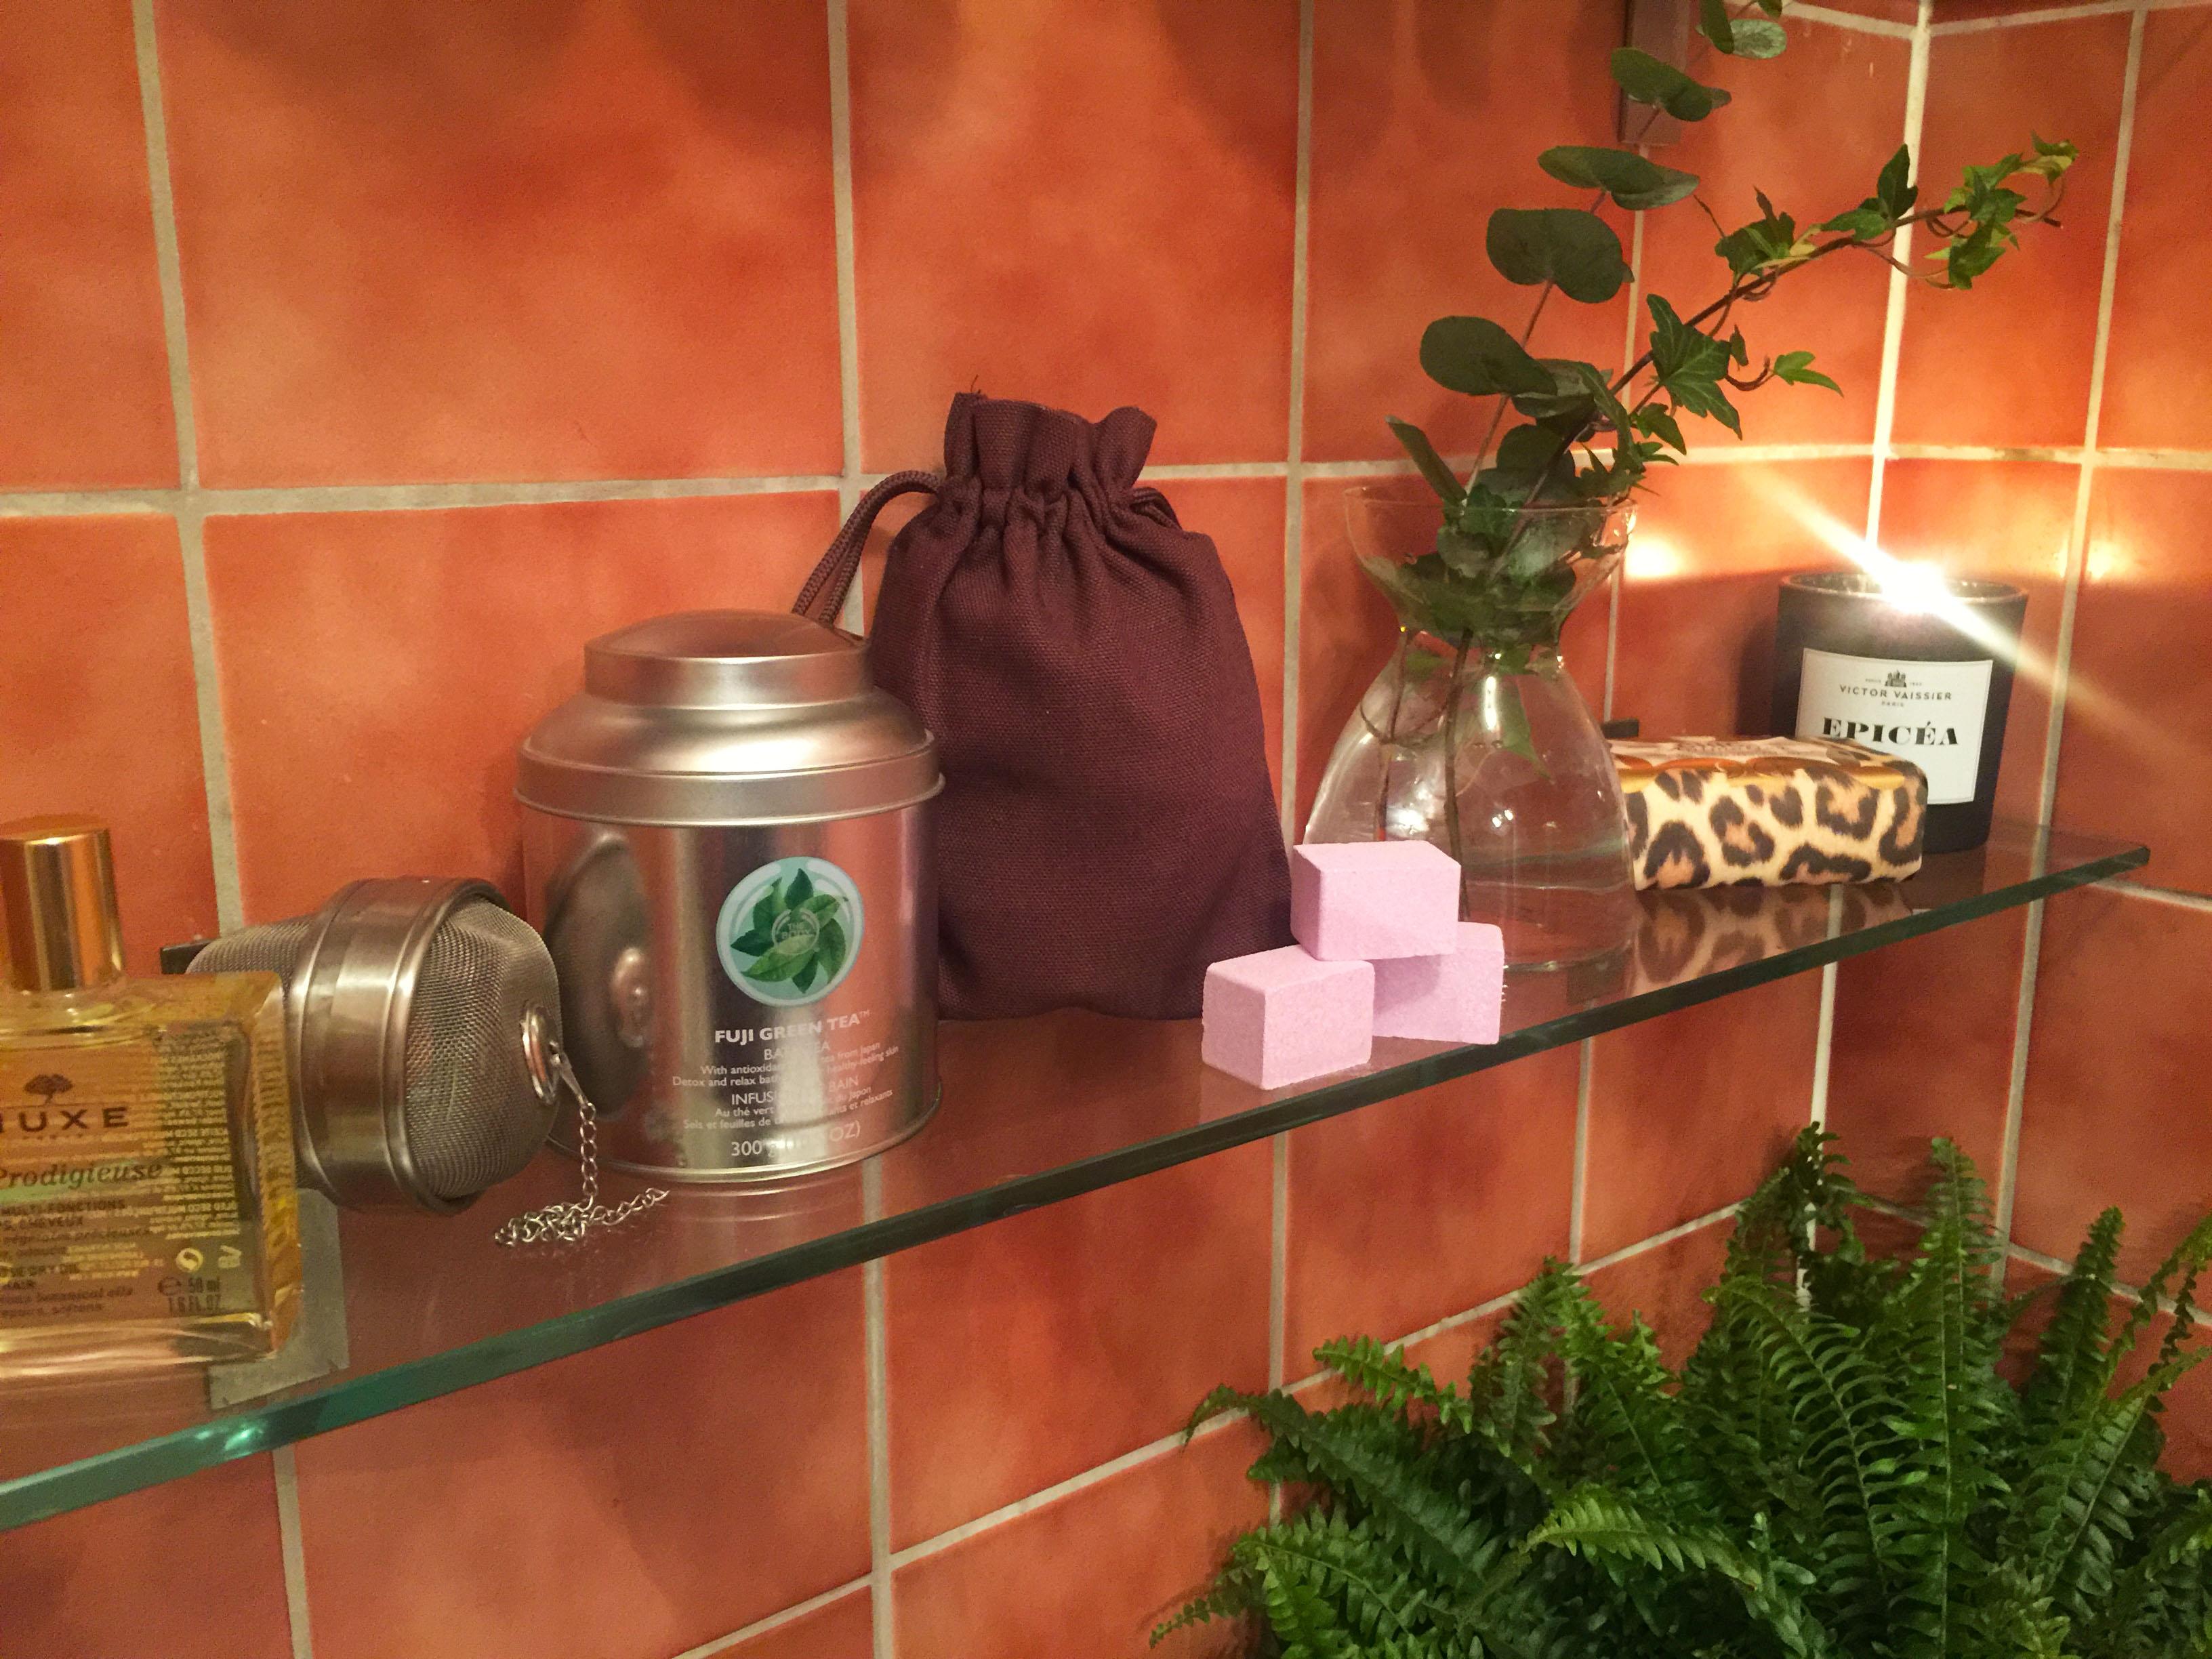 Från vänster, Nuxe Huile, Fuji Green tea, Egyptian Milk & Honey Bath, Bath Fizzers, tvålen Chic Animalier och doftljus från Victor Vaisser.